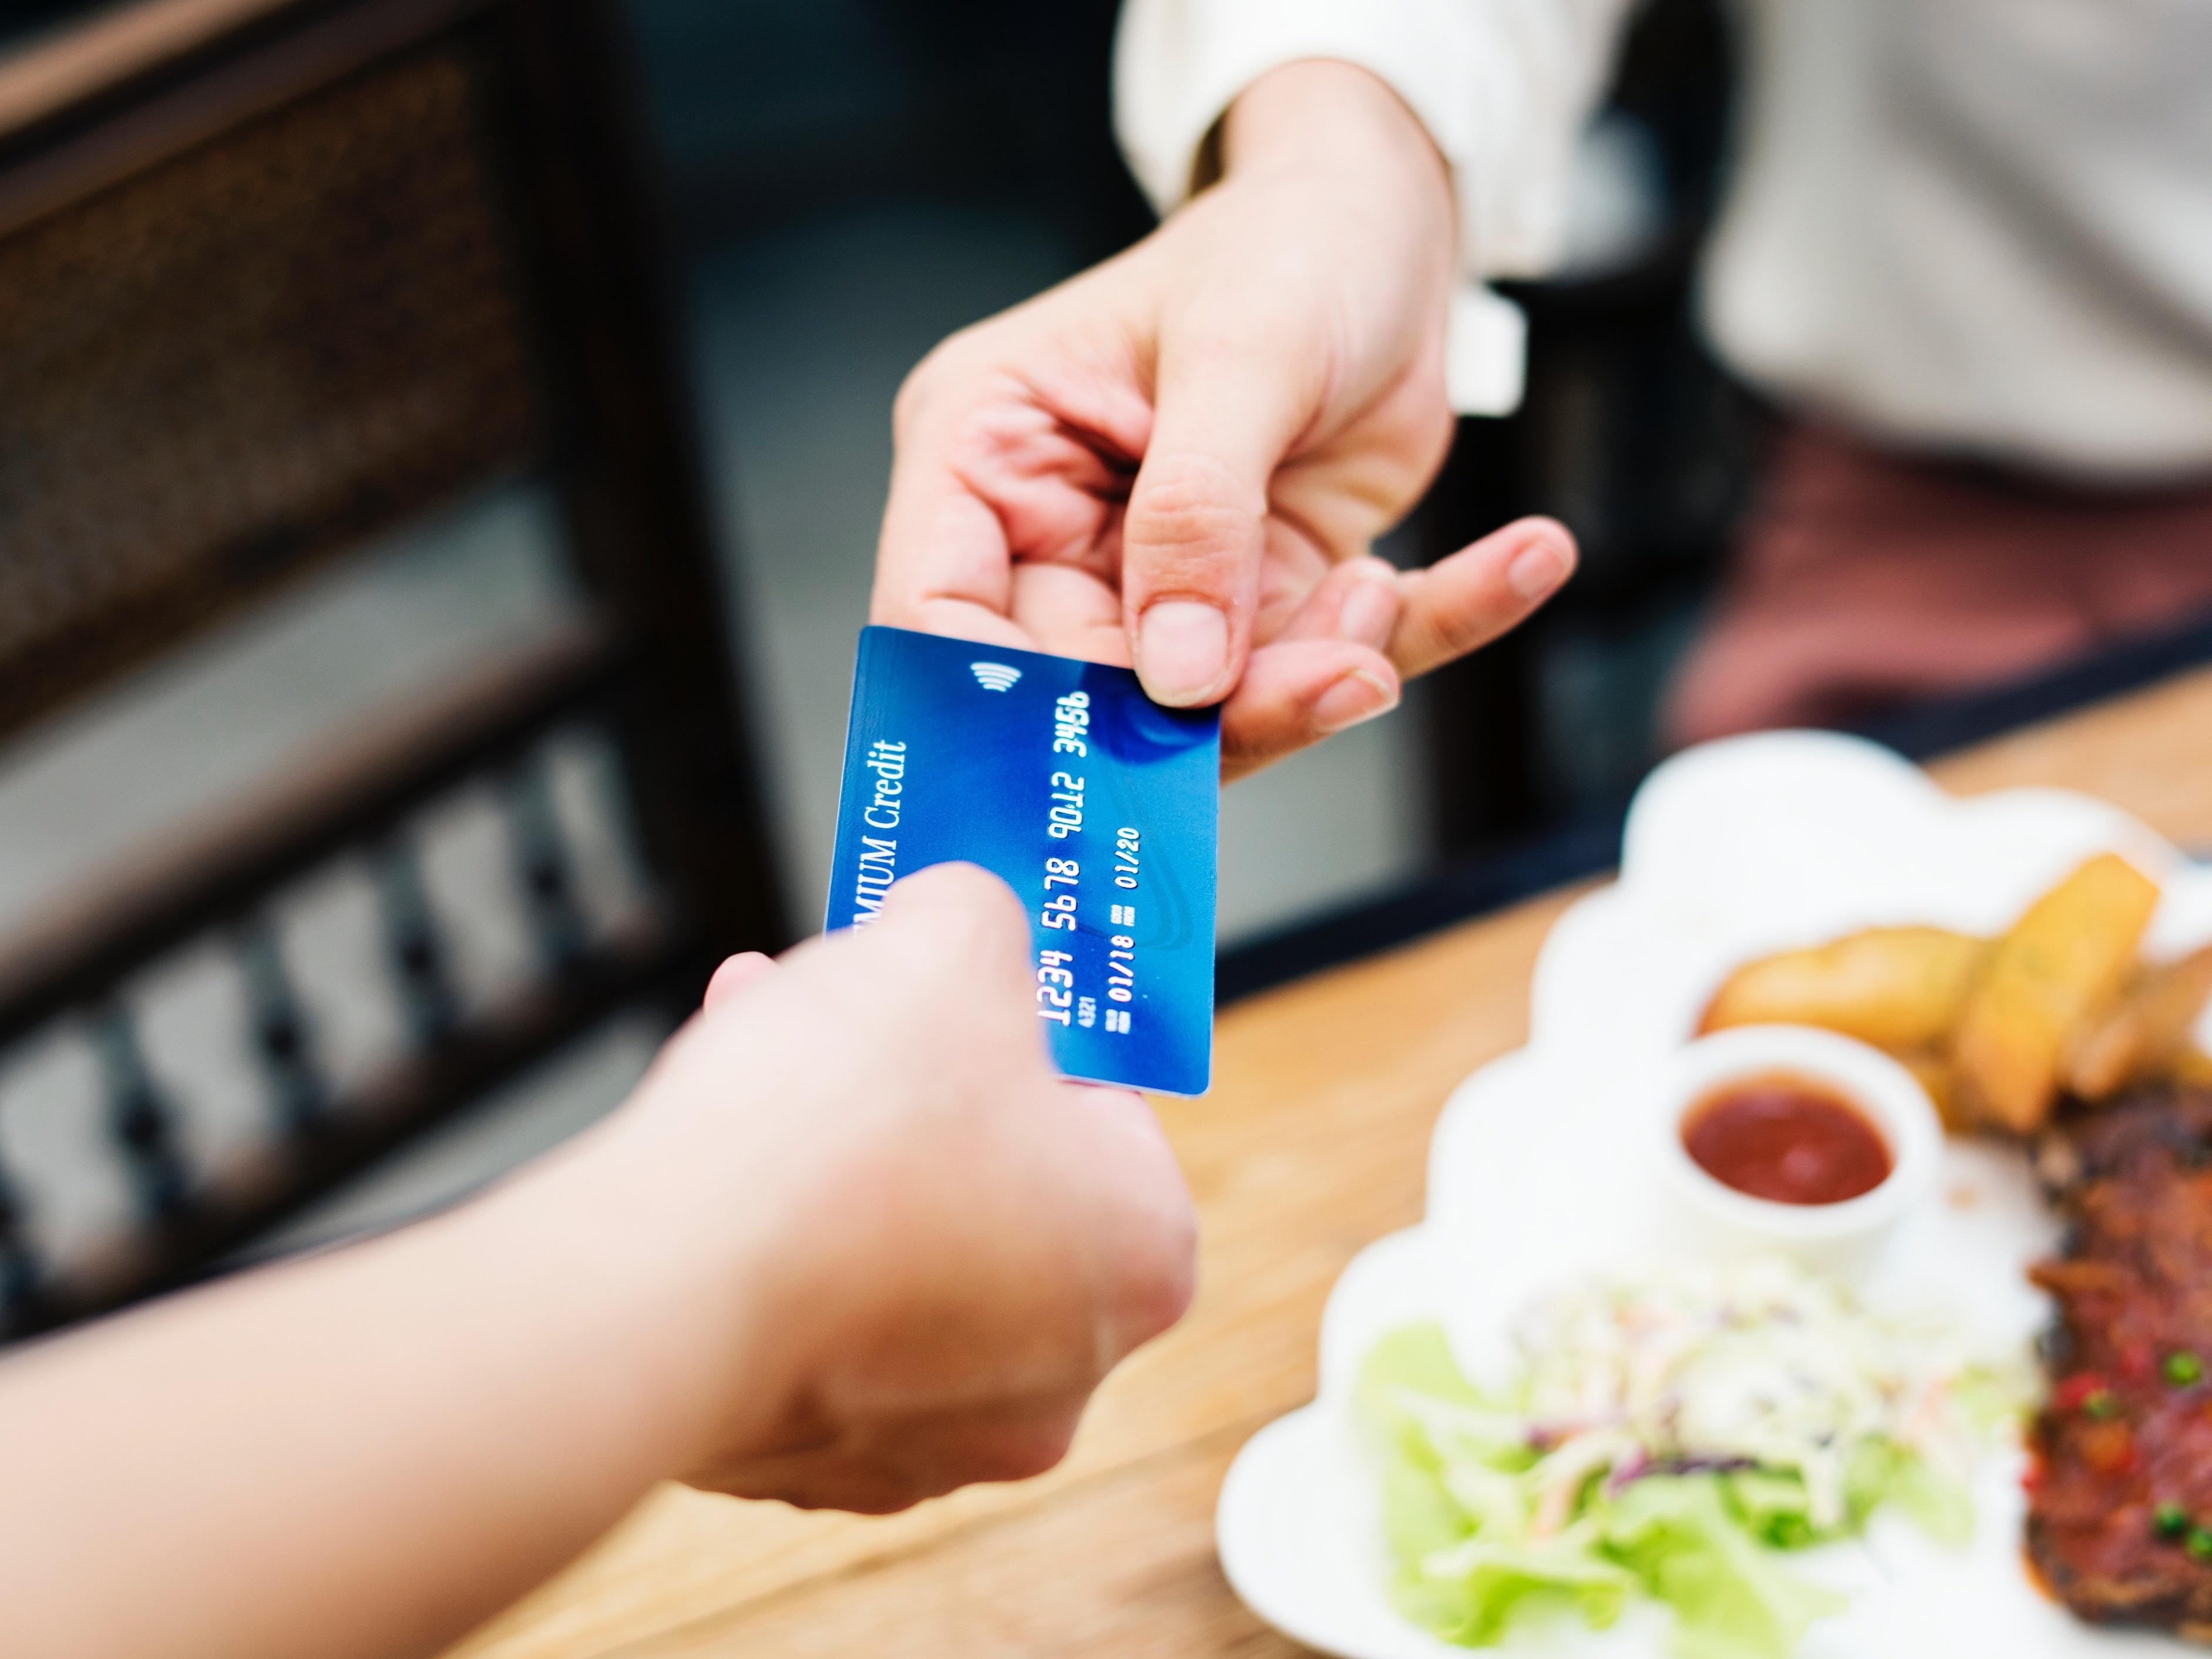 Arrivano nuovi metodi di pagamento da Poste Italiane e dalle